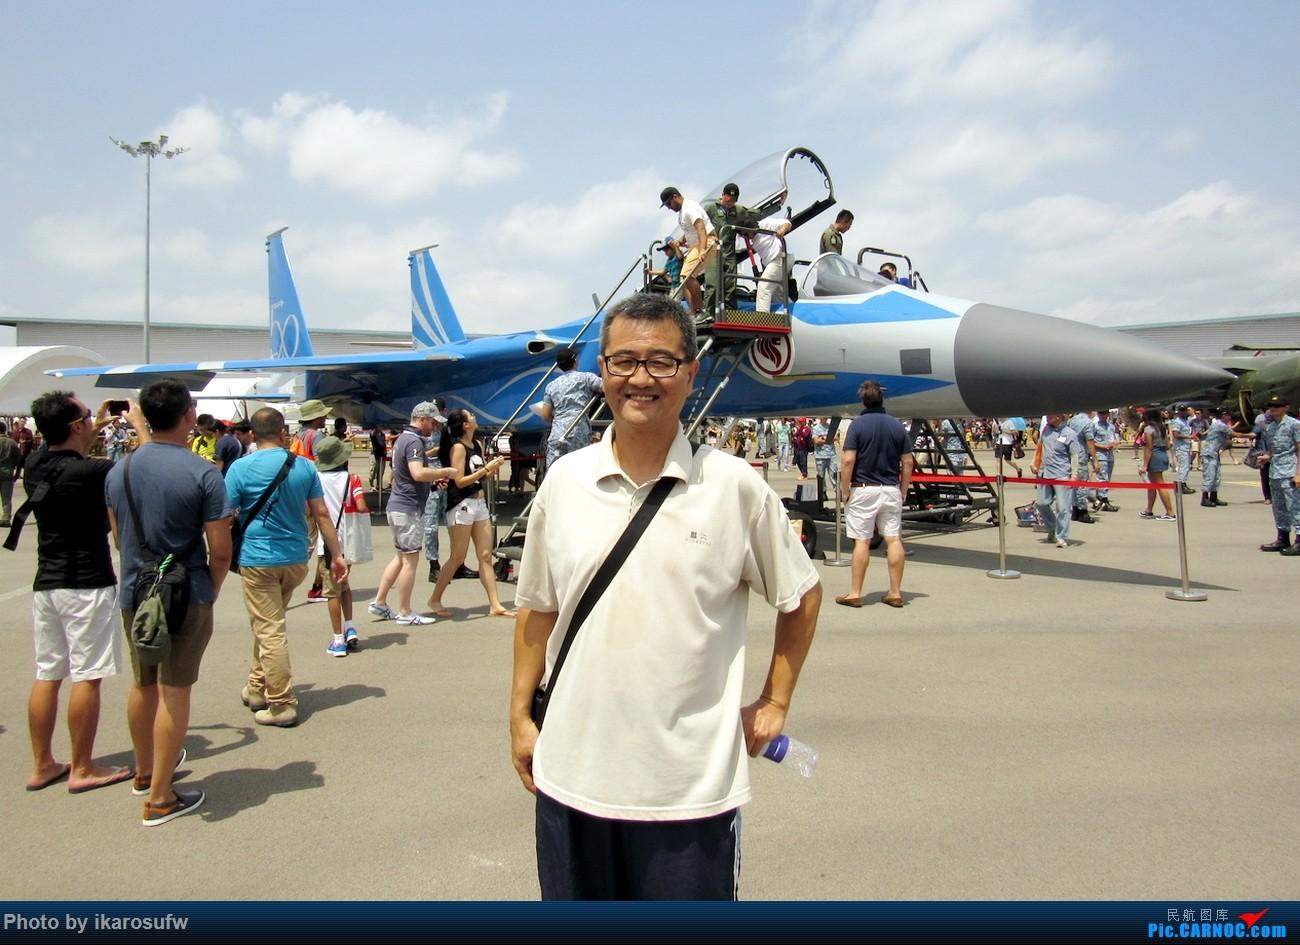 [原创]2018新加坡国际航空展 直奔F22 F35真家伙